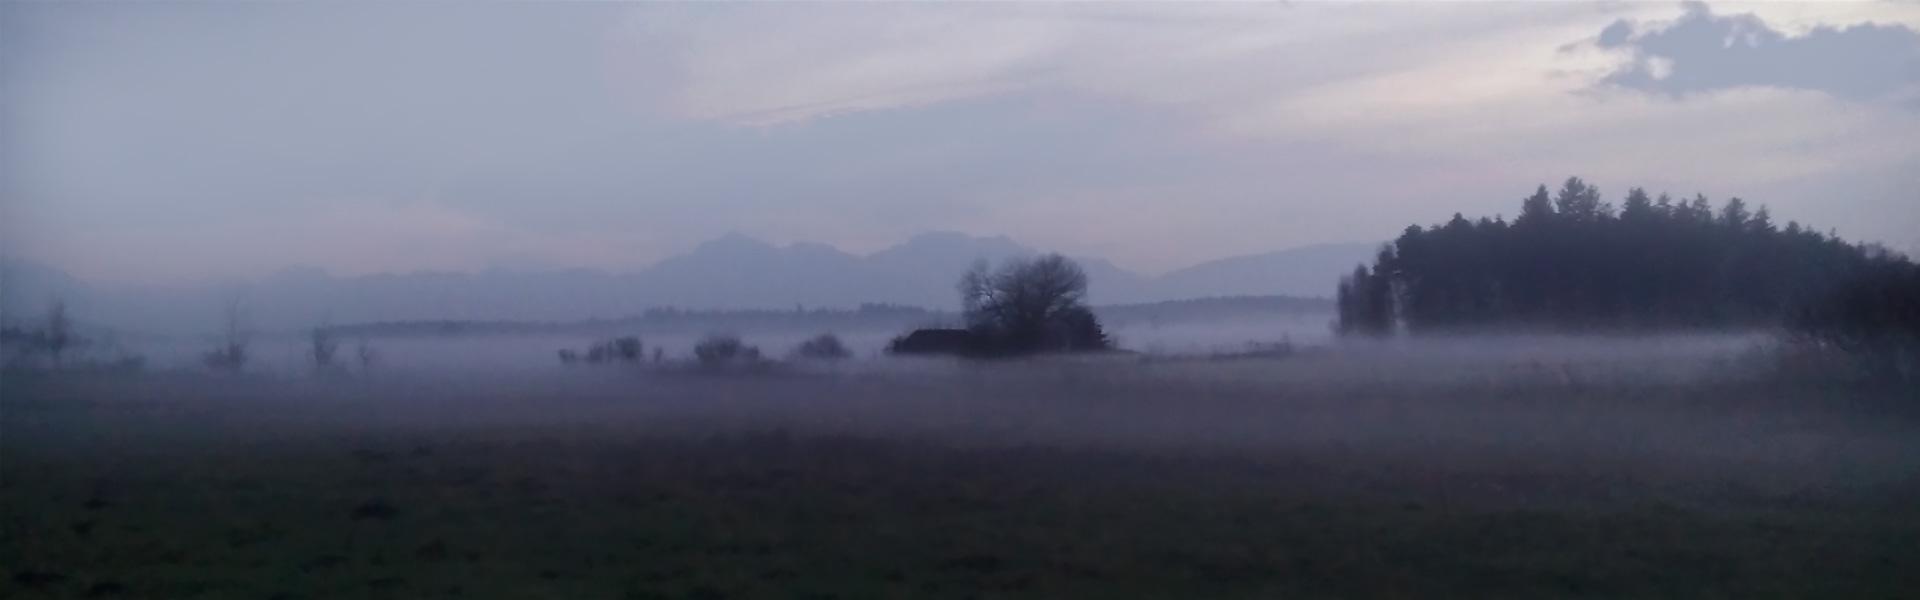 Moorlandschaft im Abendnebel